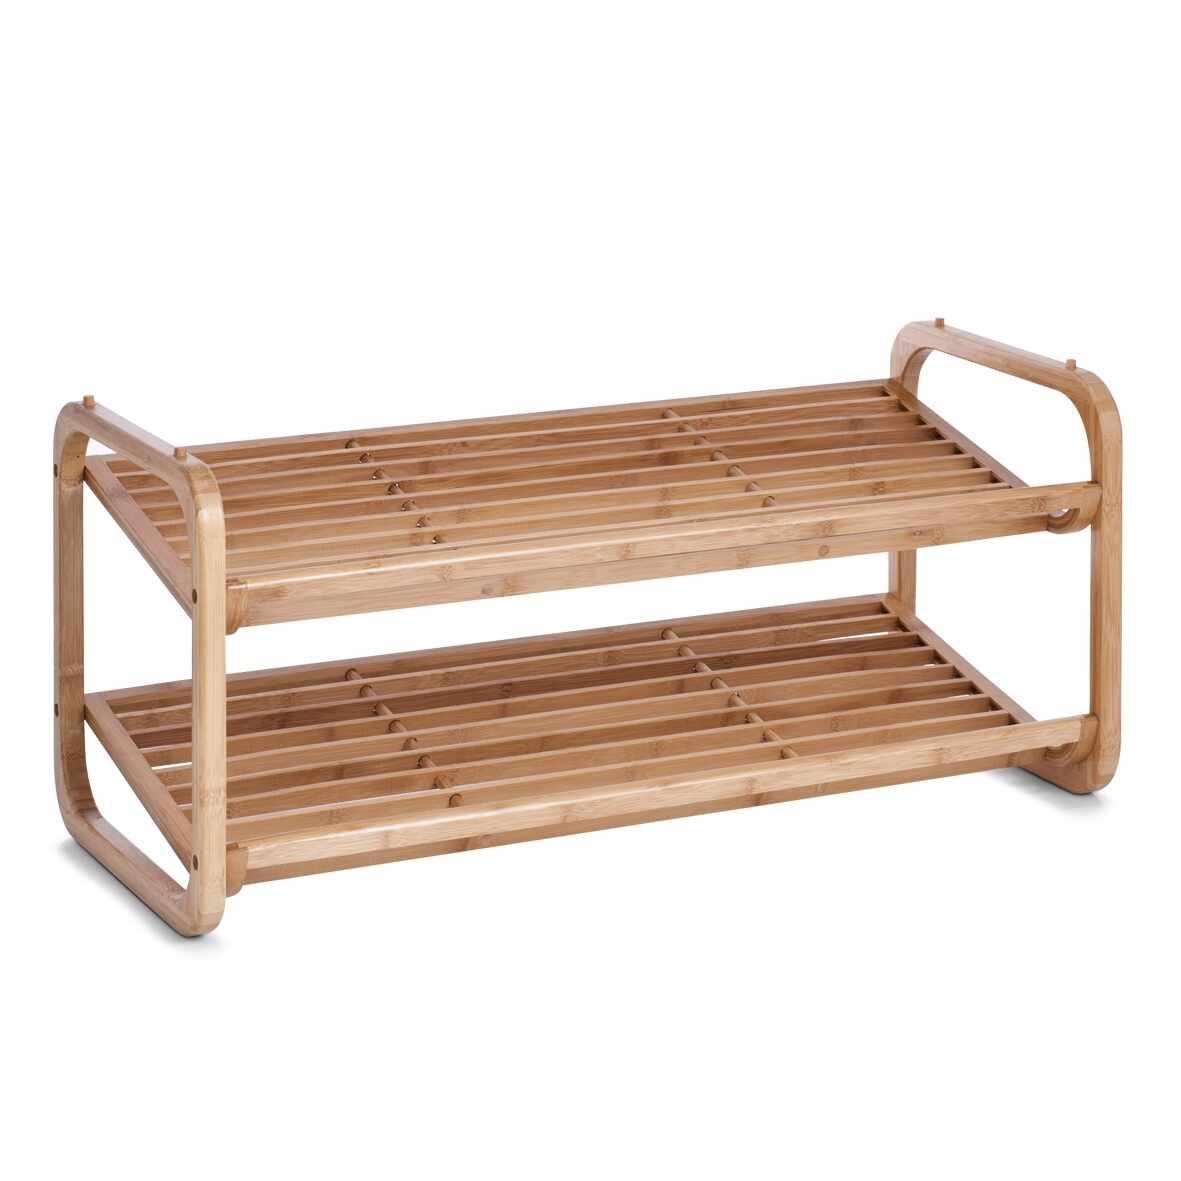 Suport pentru incaltaminte Regal Natural Bamboo, l74xA33xH33 cm la pret 226 lei